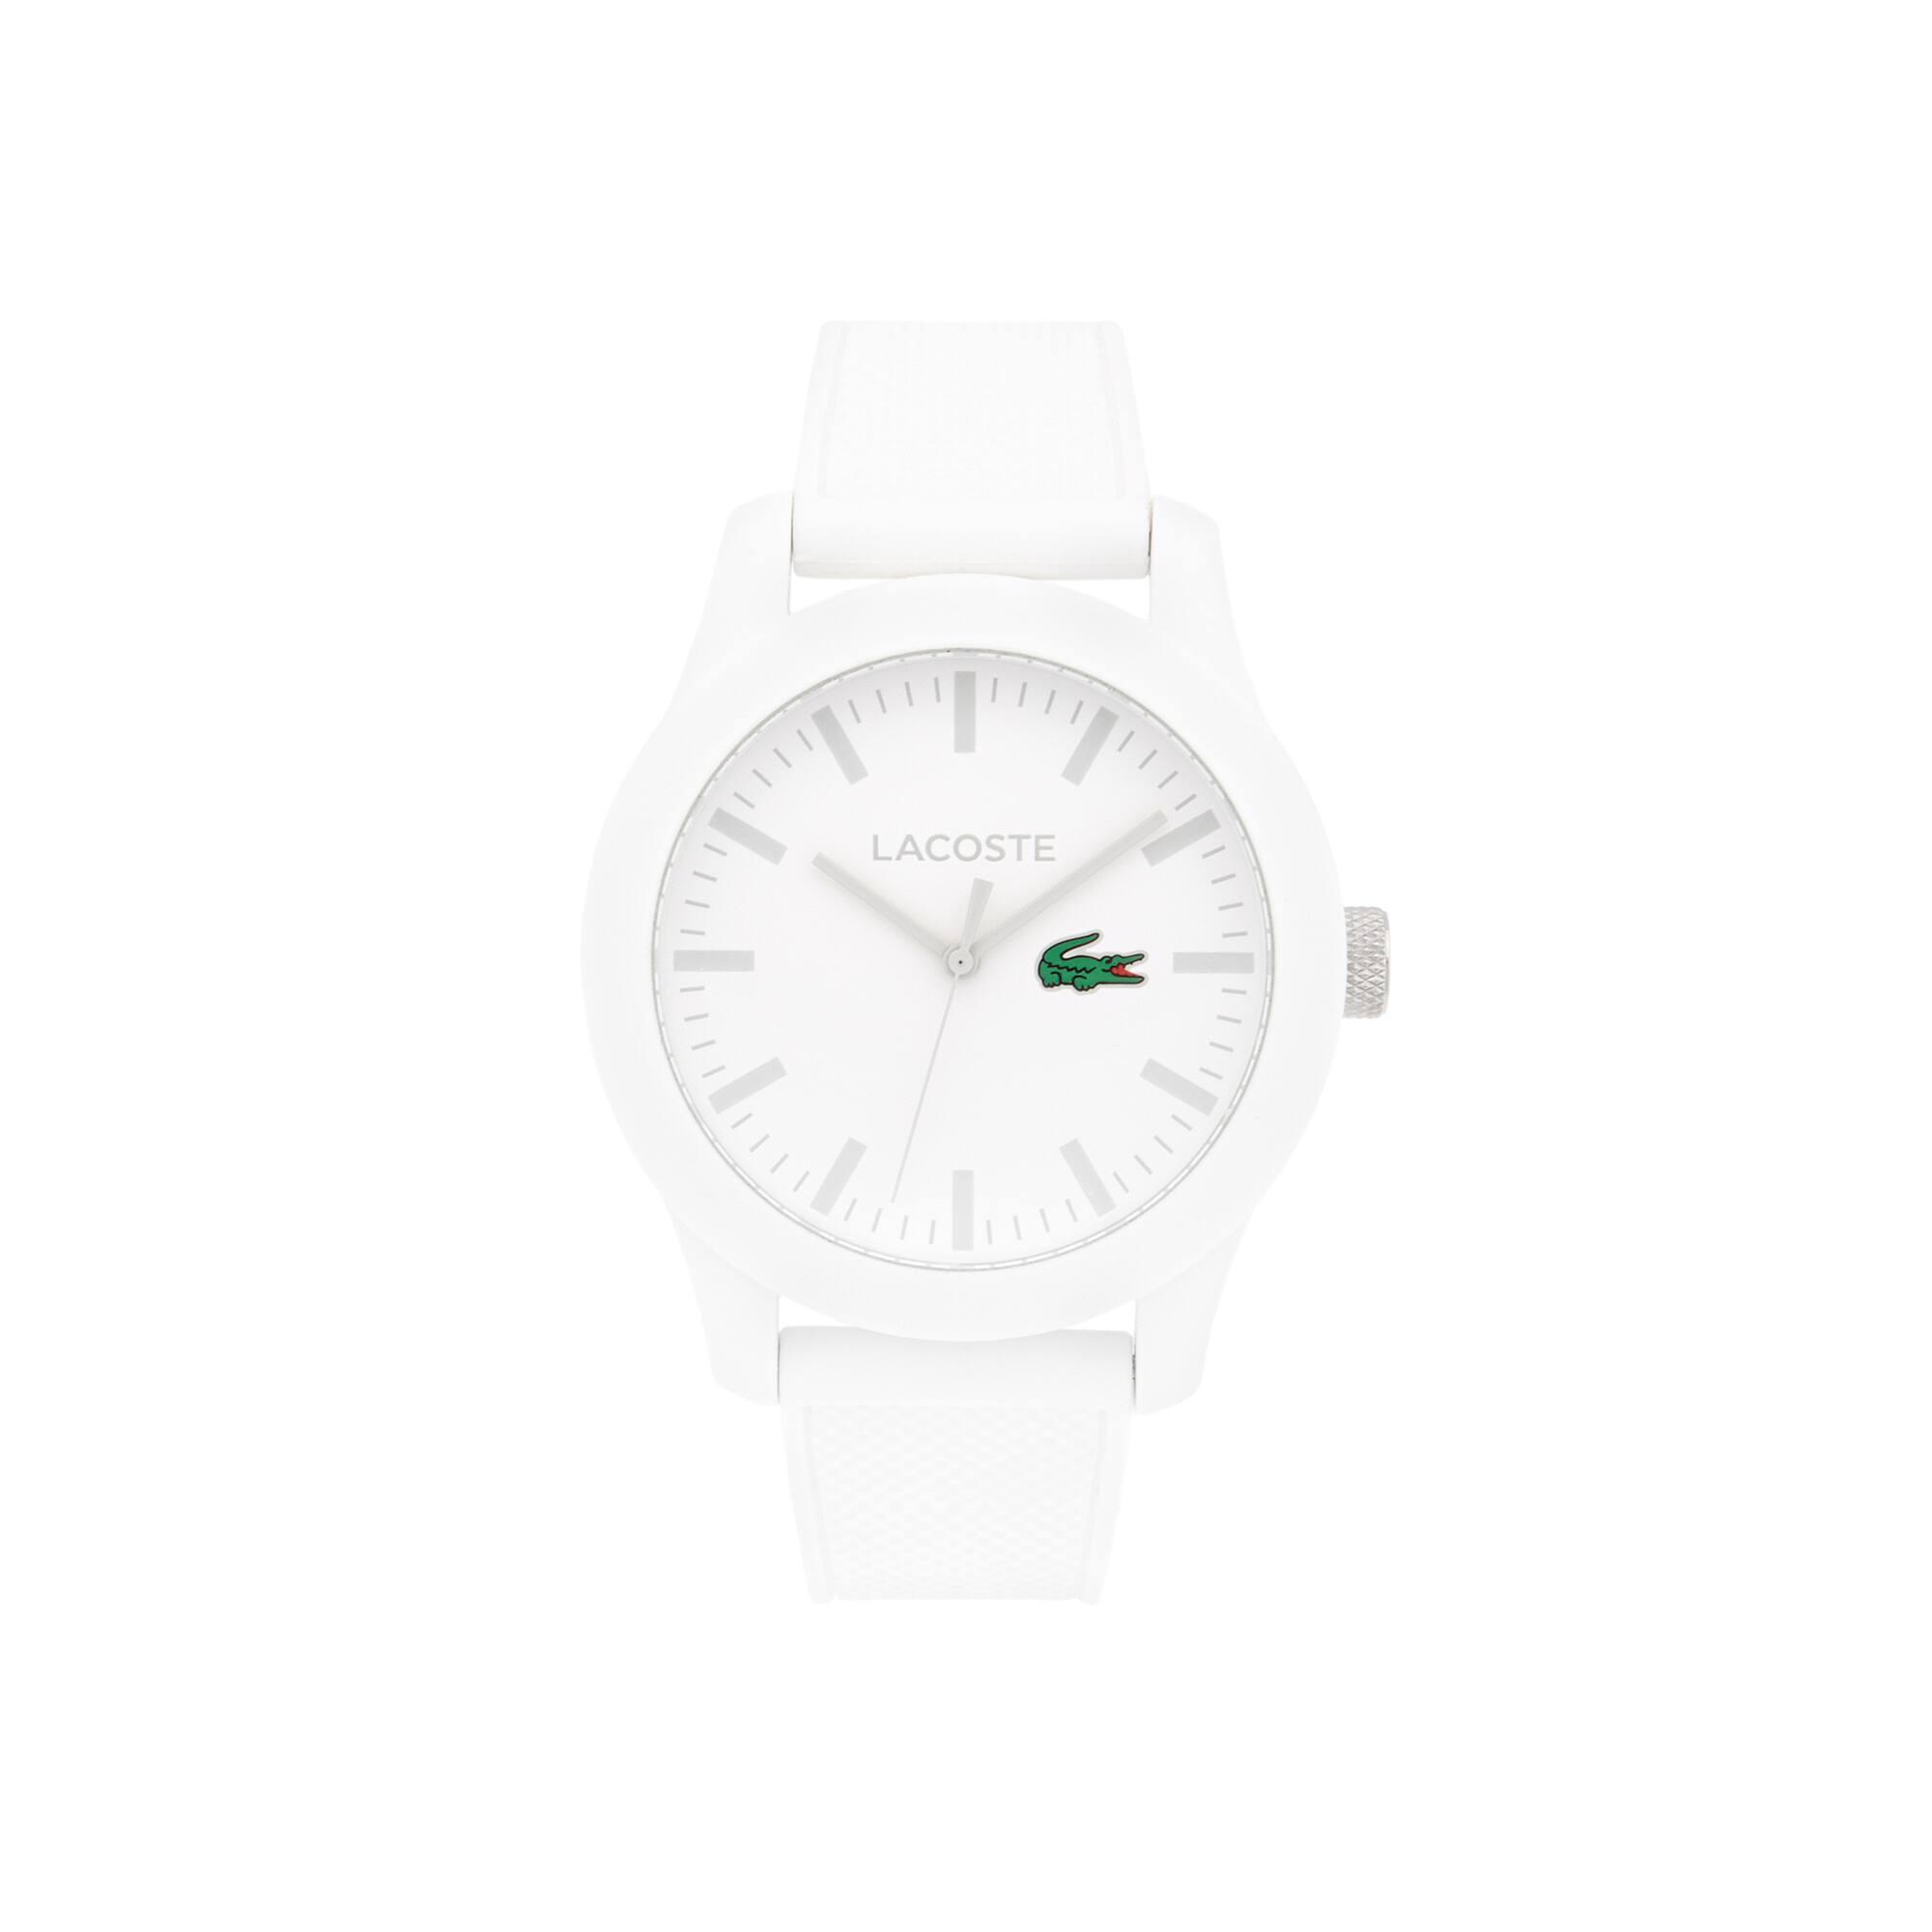 Orologio Lacoste 12.12 Donna bianco